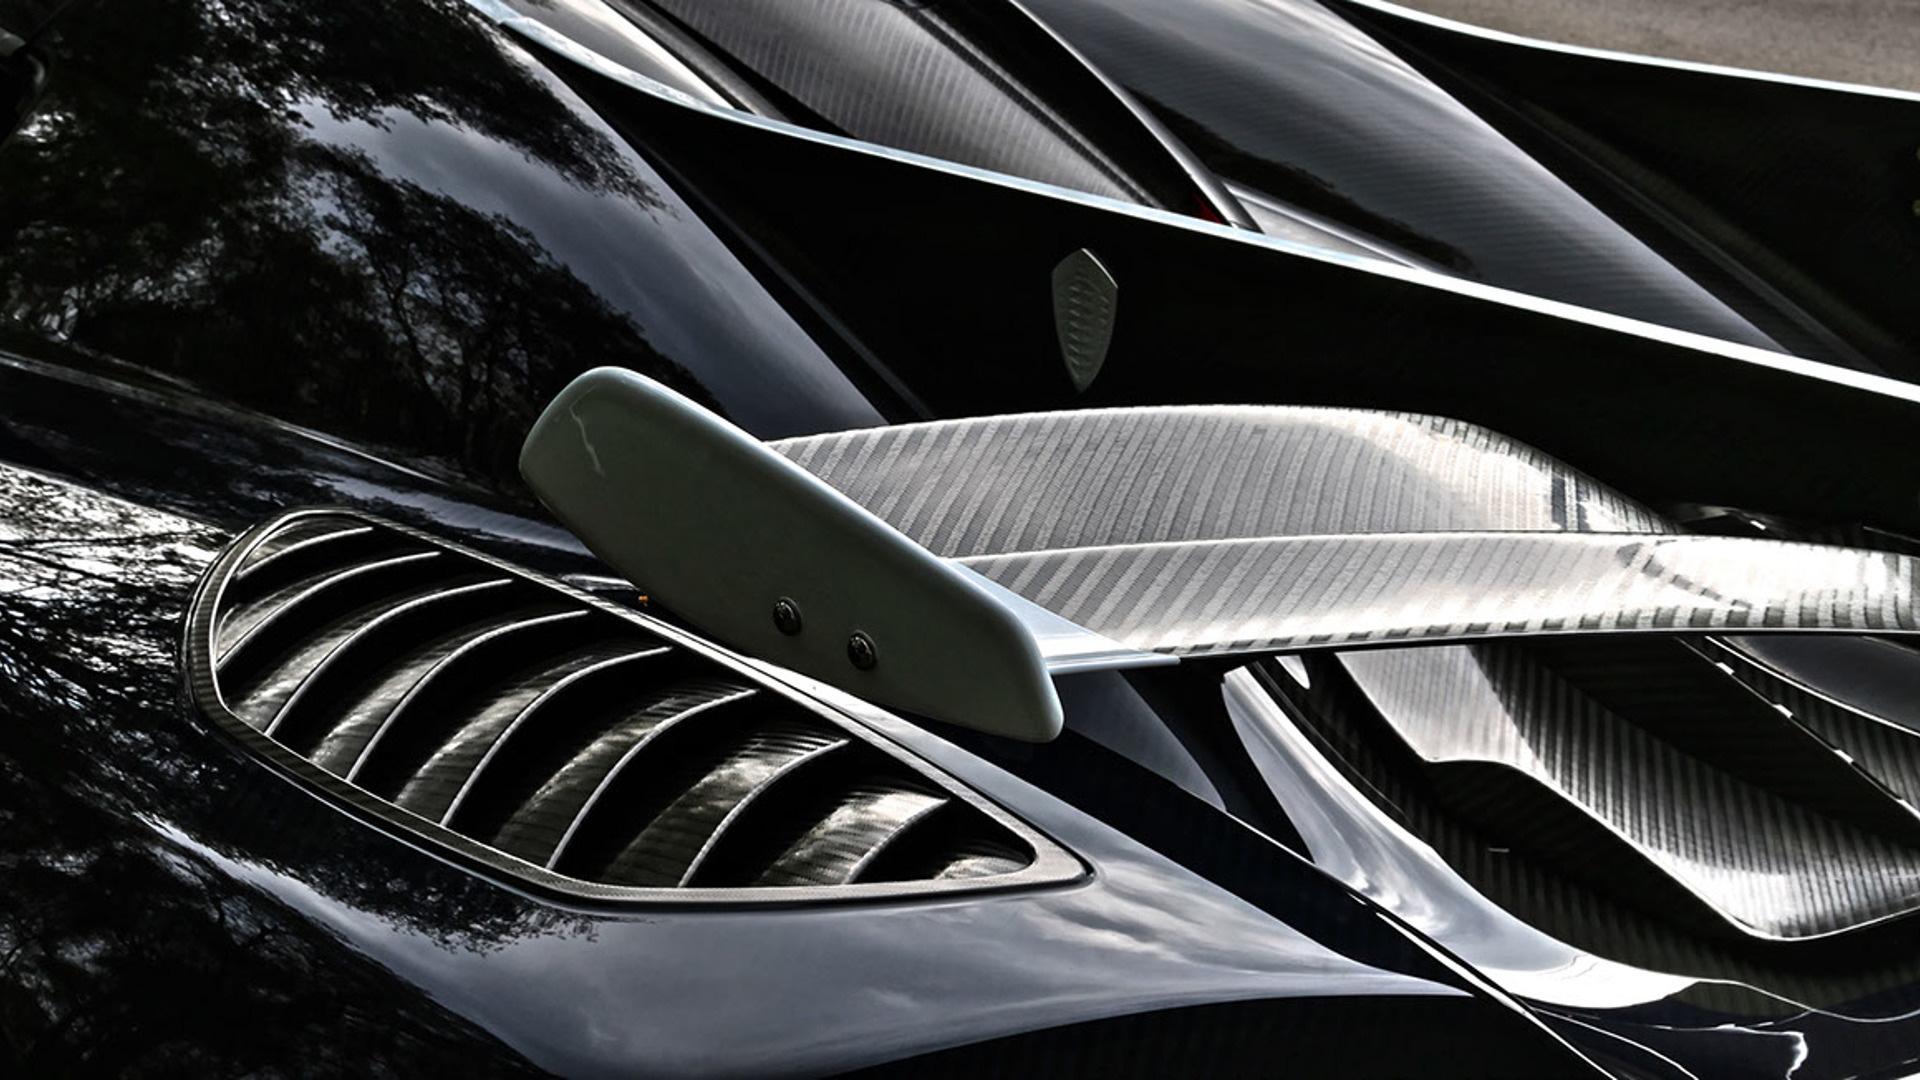 Cận cảnh siêu xe cũ rao bán giá hơn trăm tỷ đồng - Ảnh 15.